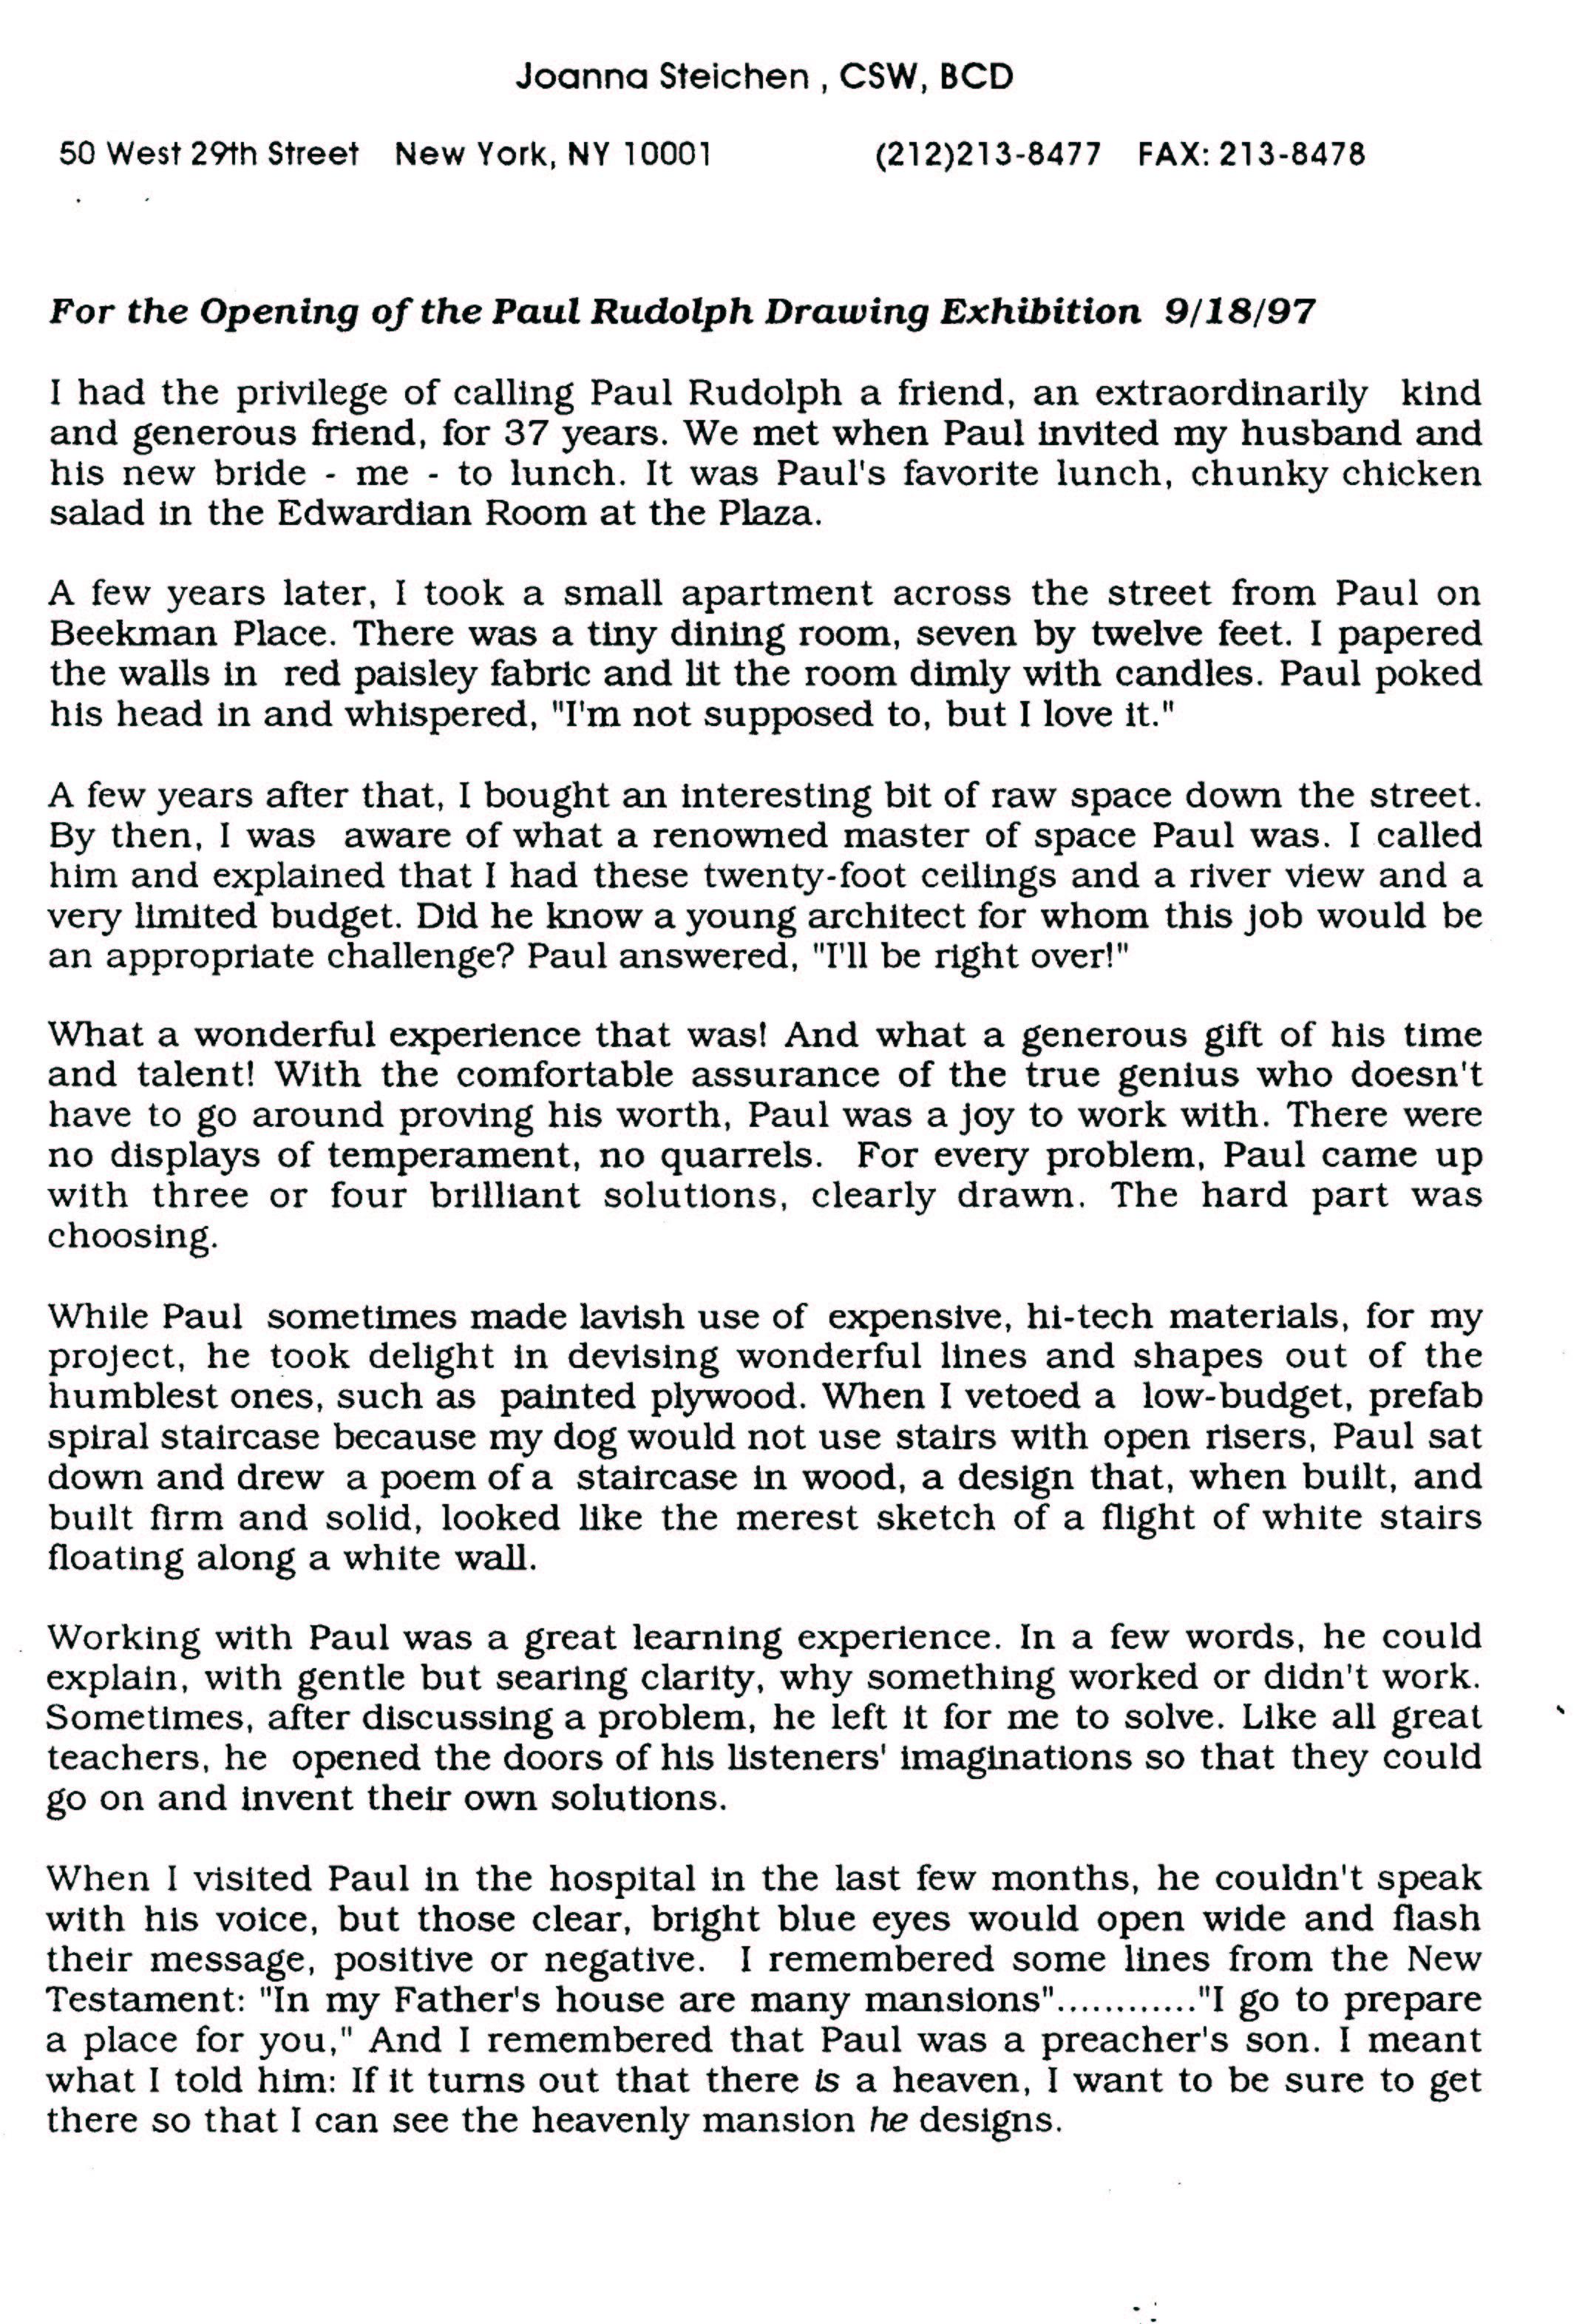 1997.09.18 Joanna Steichen Letter.jpg